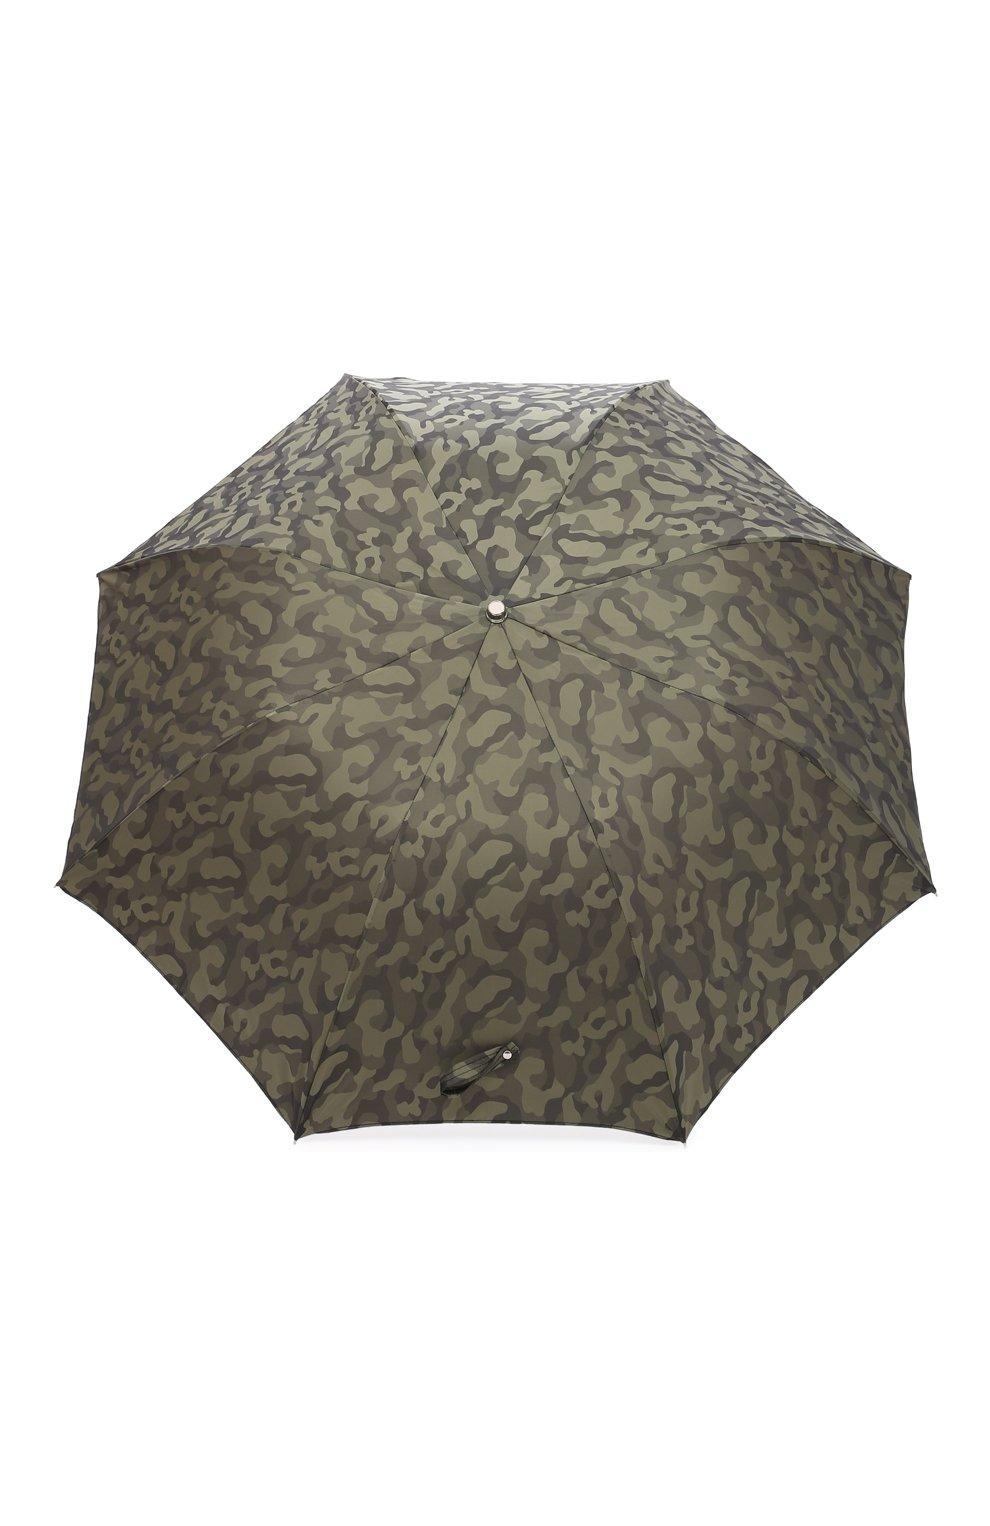 Мужской складной зонт PASOTTI OMBRELLI хаки цвета, арт. 64S/MILITARE 11780/254/T0PLESS | Фото 1 (Материал: Текстиль, Синтетический материал, Металл)